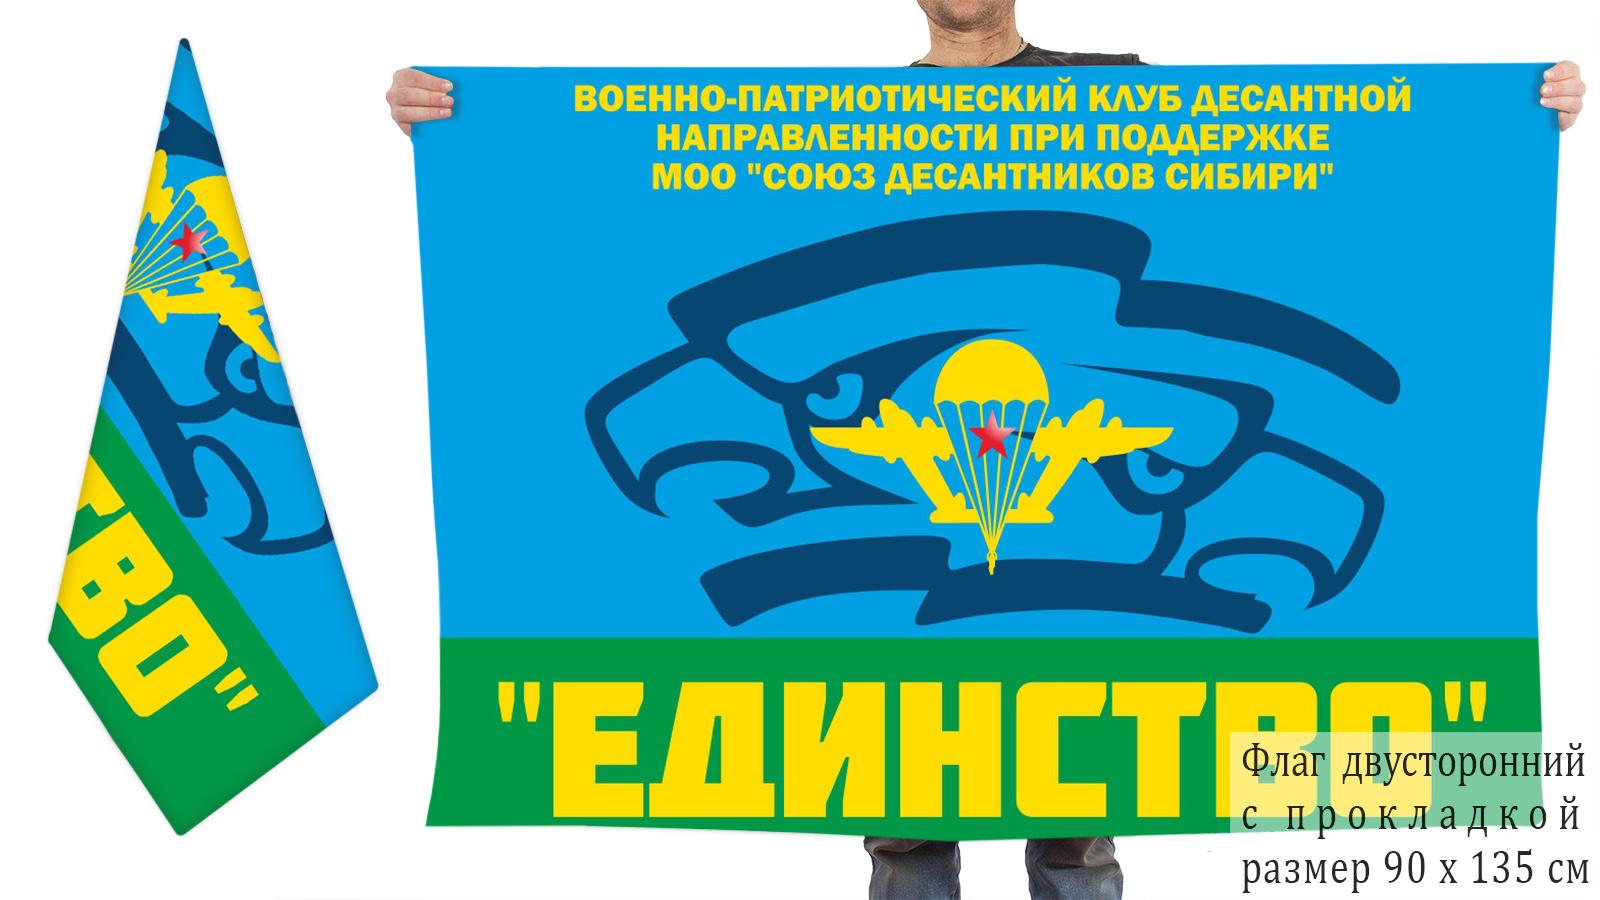 Двусторонний флаг ВПК Единство